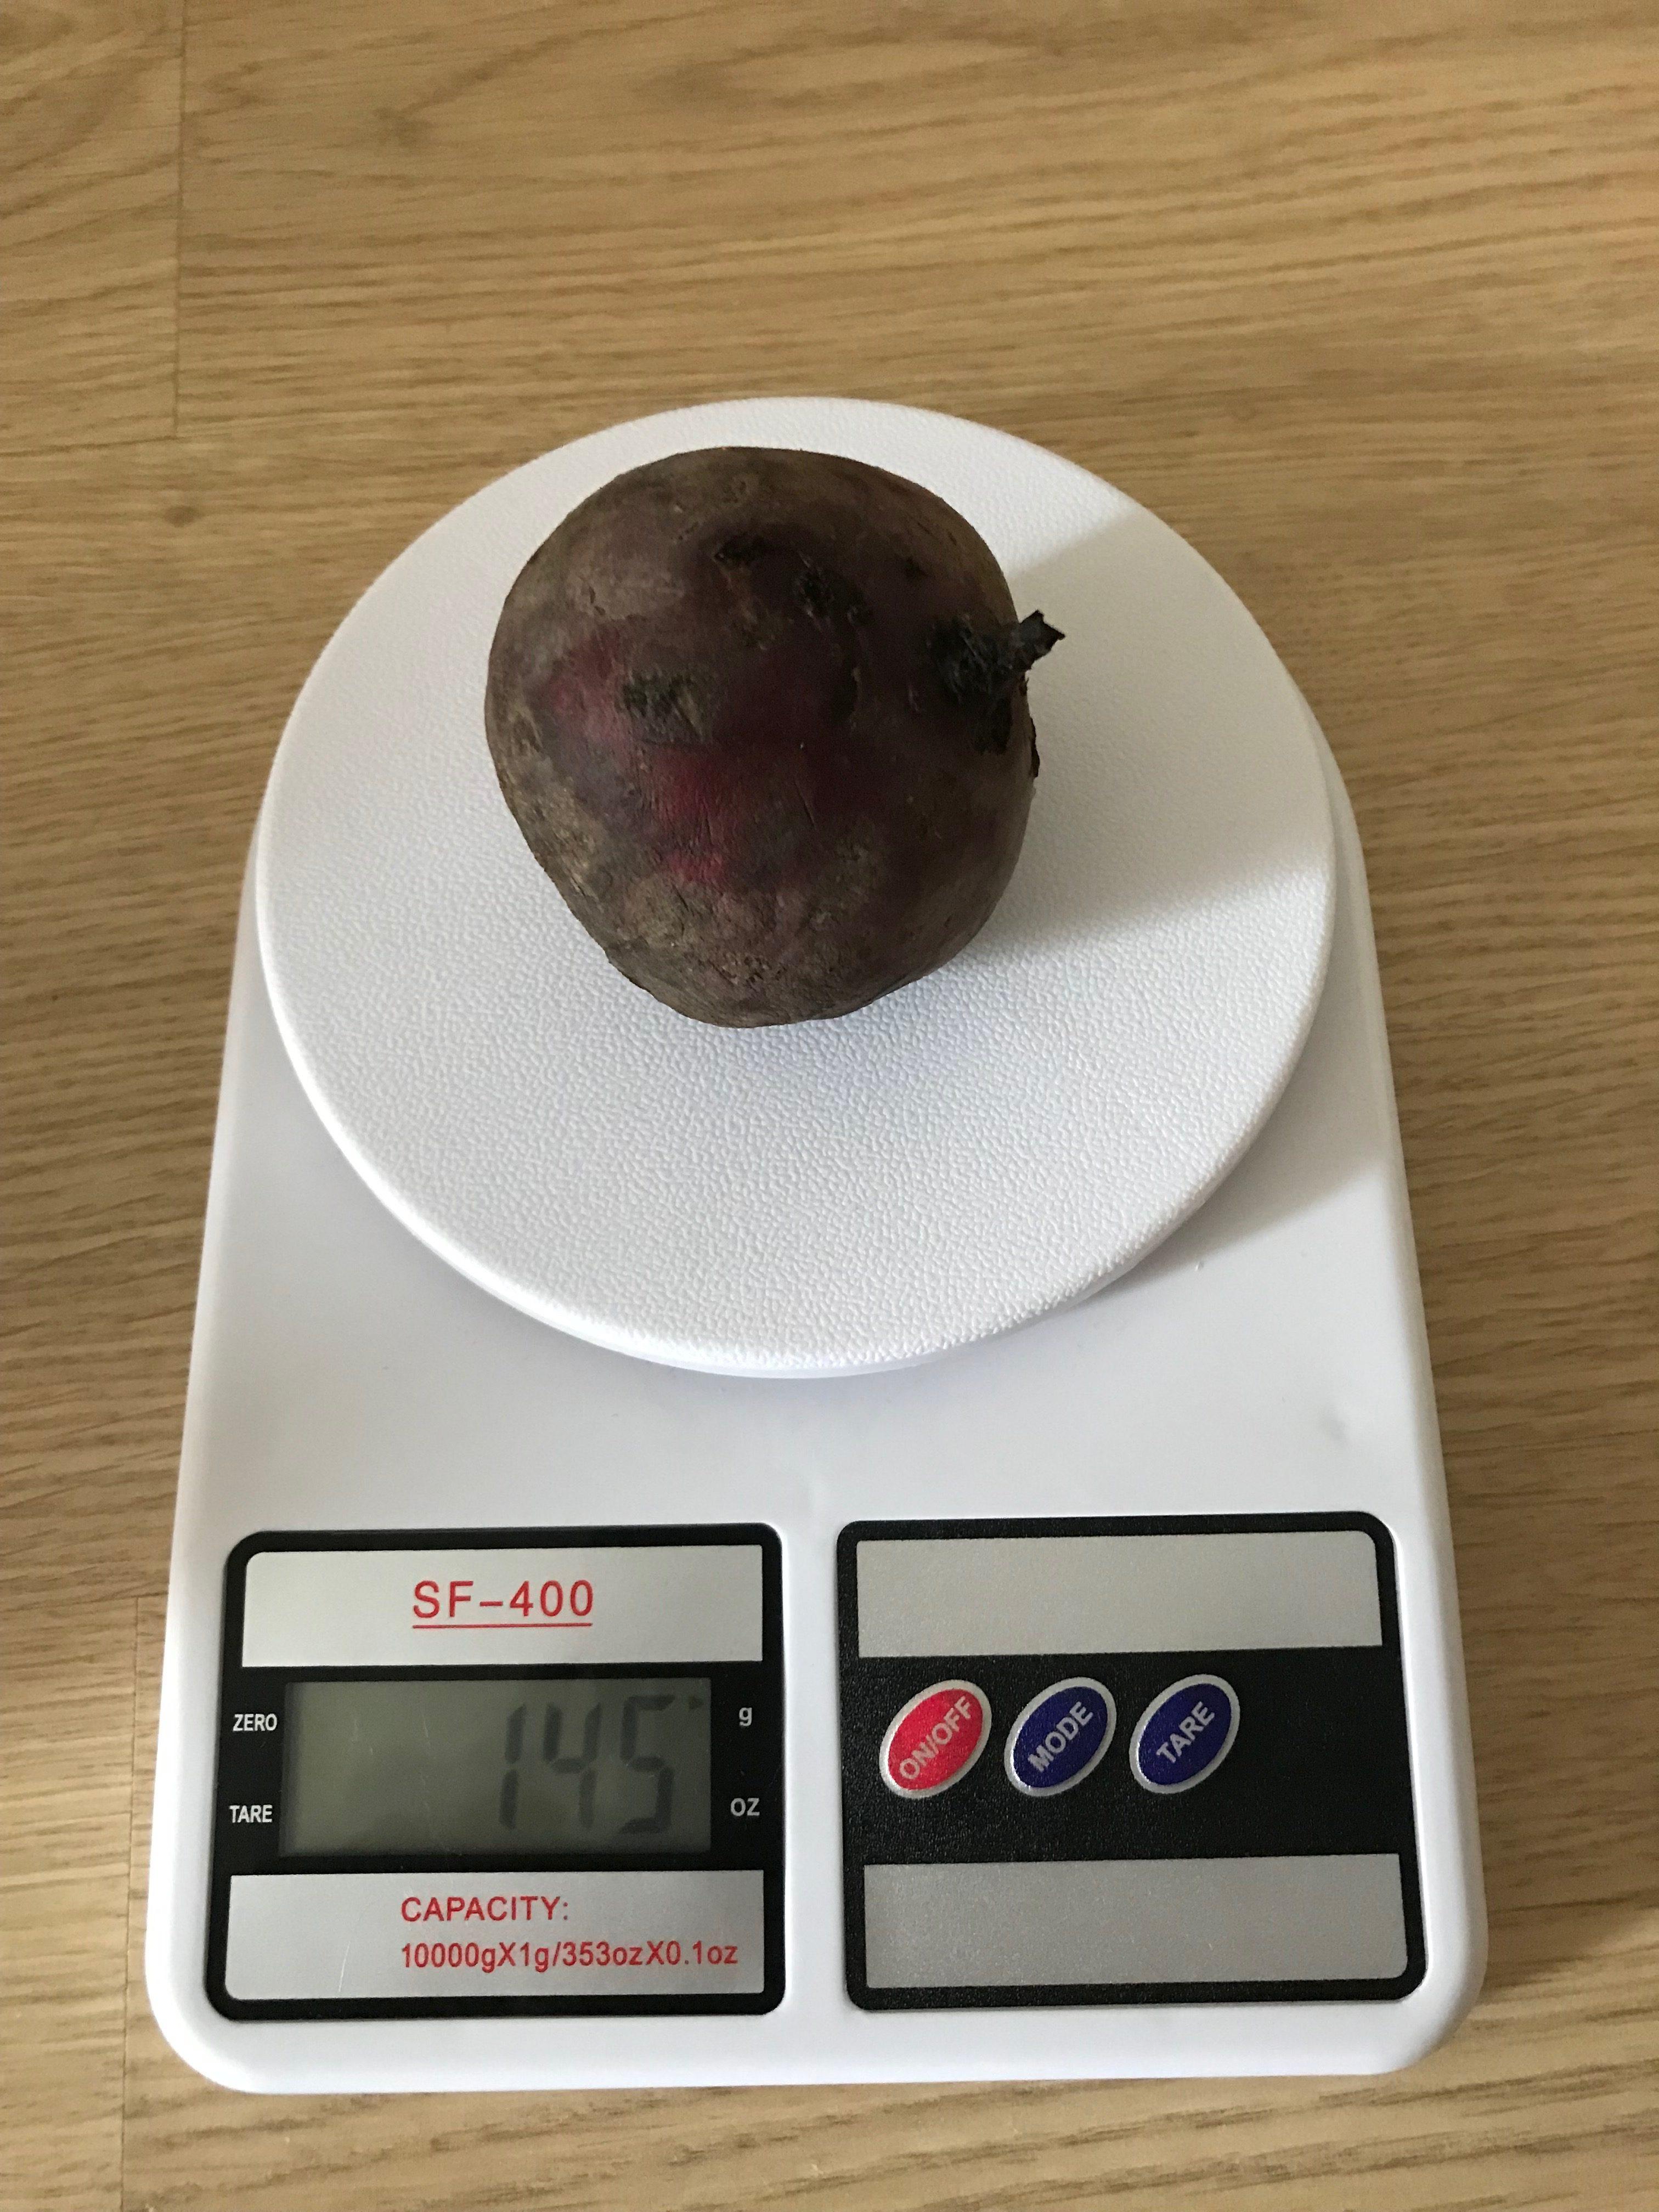 вес свеклы мелкой